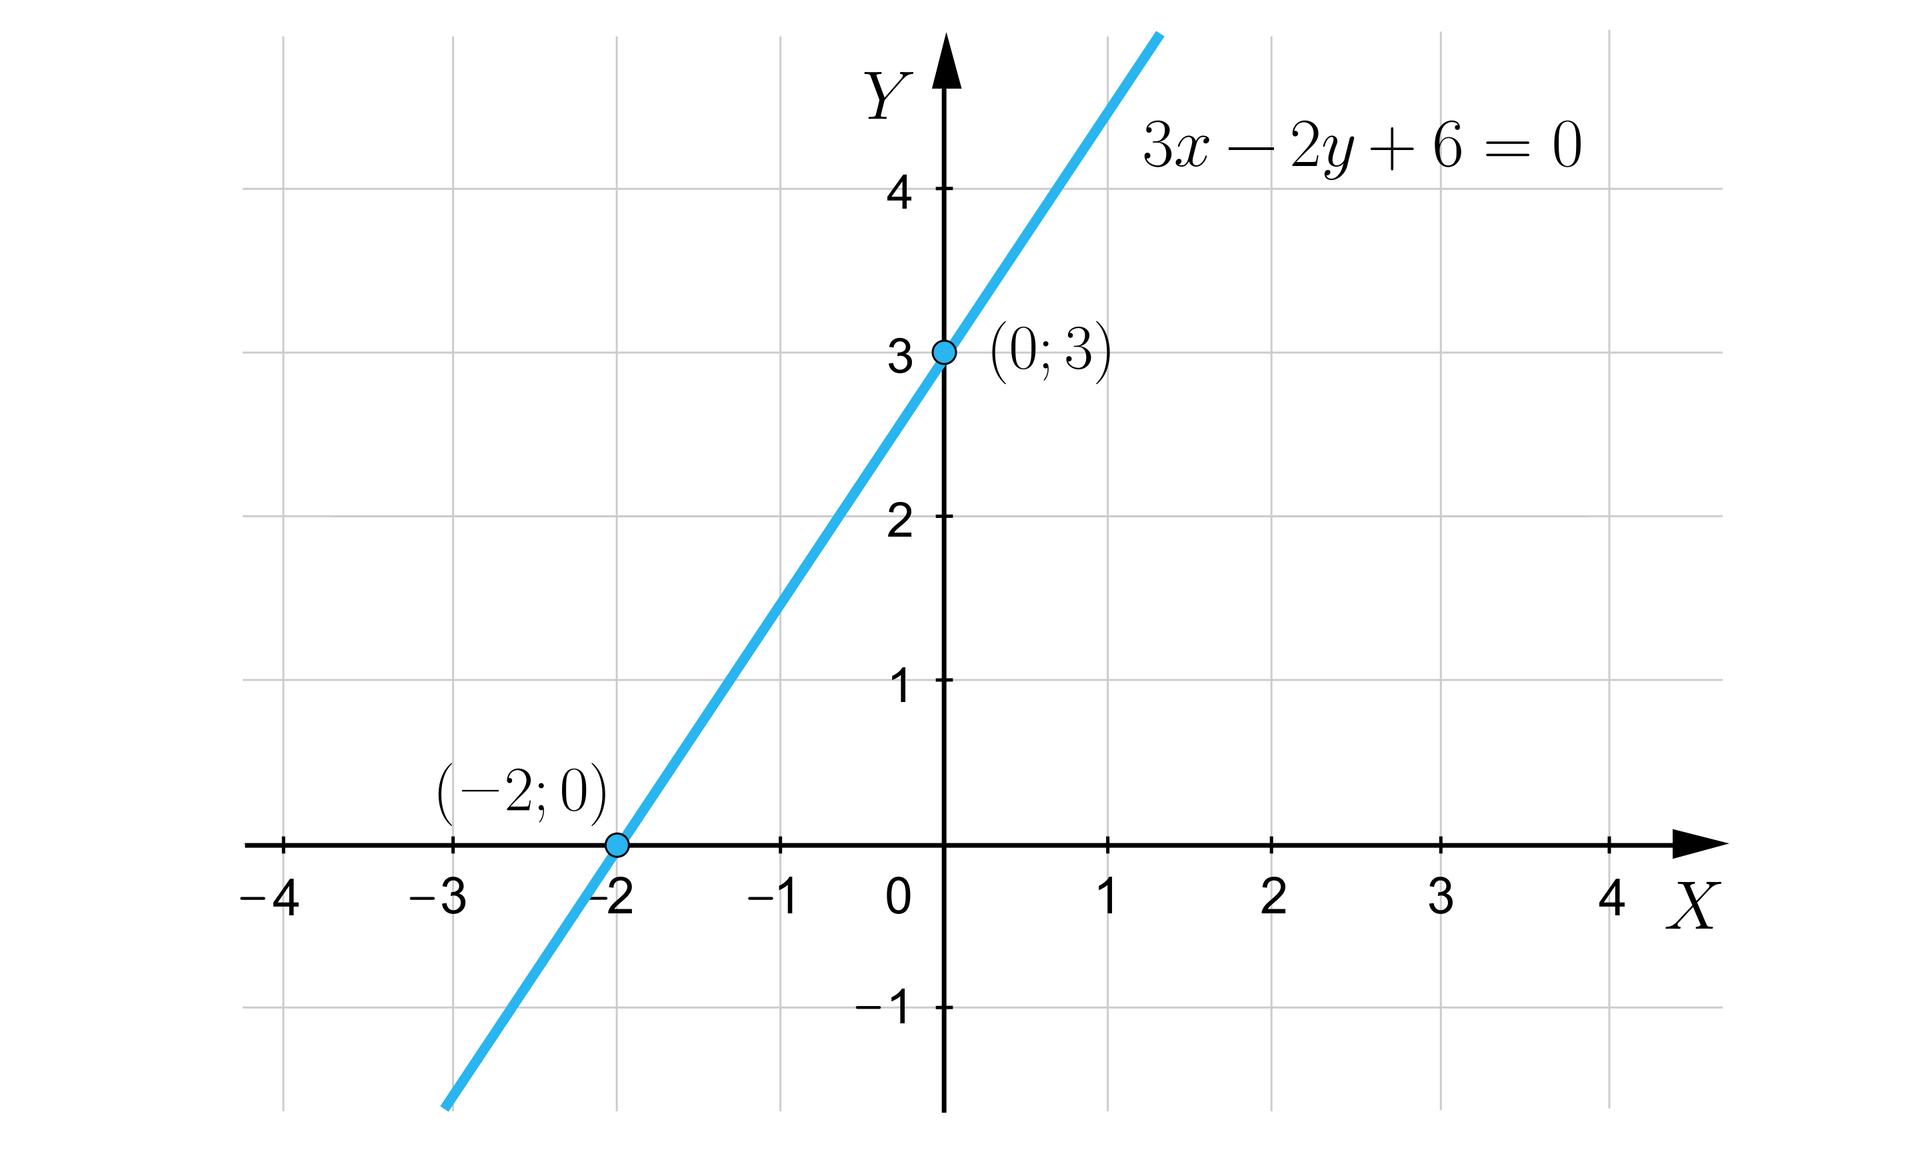 Ilustracja przedstawia układ współrzędnych iks igrek. Przez puntky owspółrzędnych minus dwa izero oraz zero itrzy biegnie prosta opisana jako trzy iks minus dwa igrek dodać sześć równa się zero.